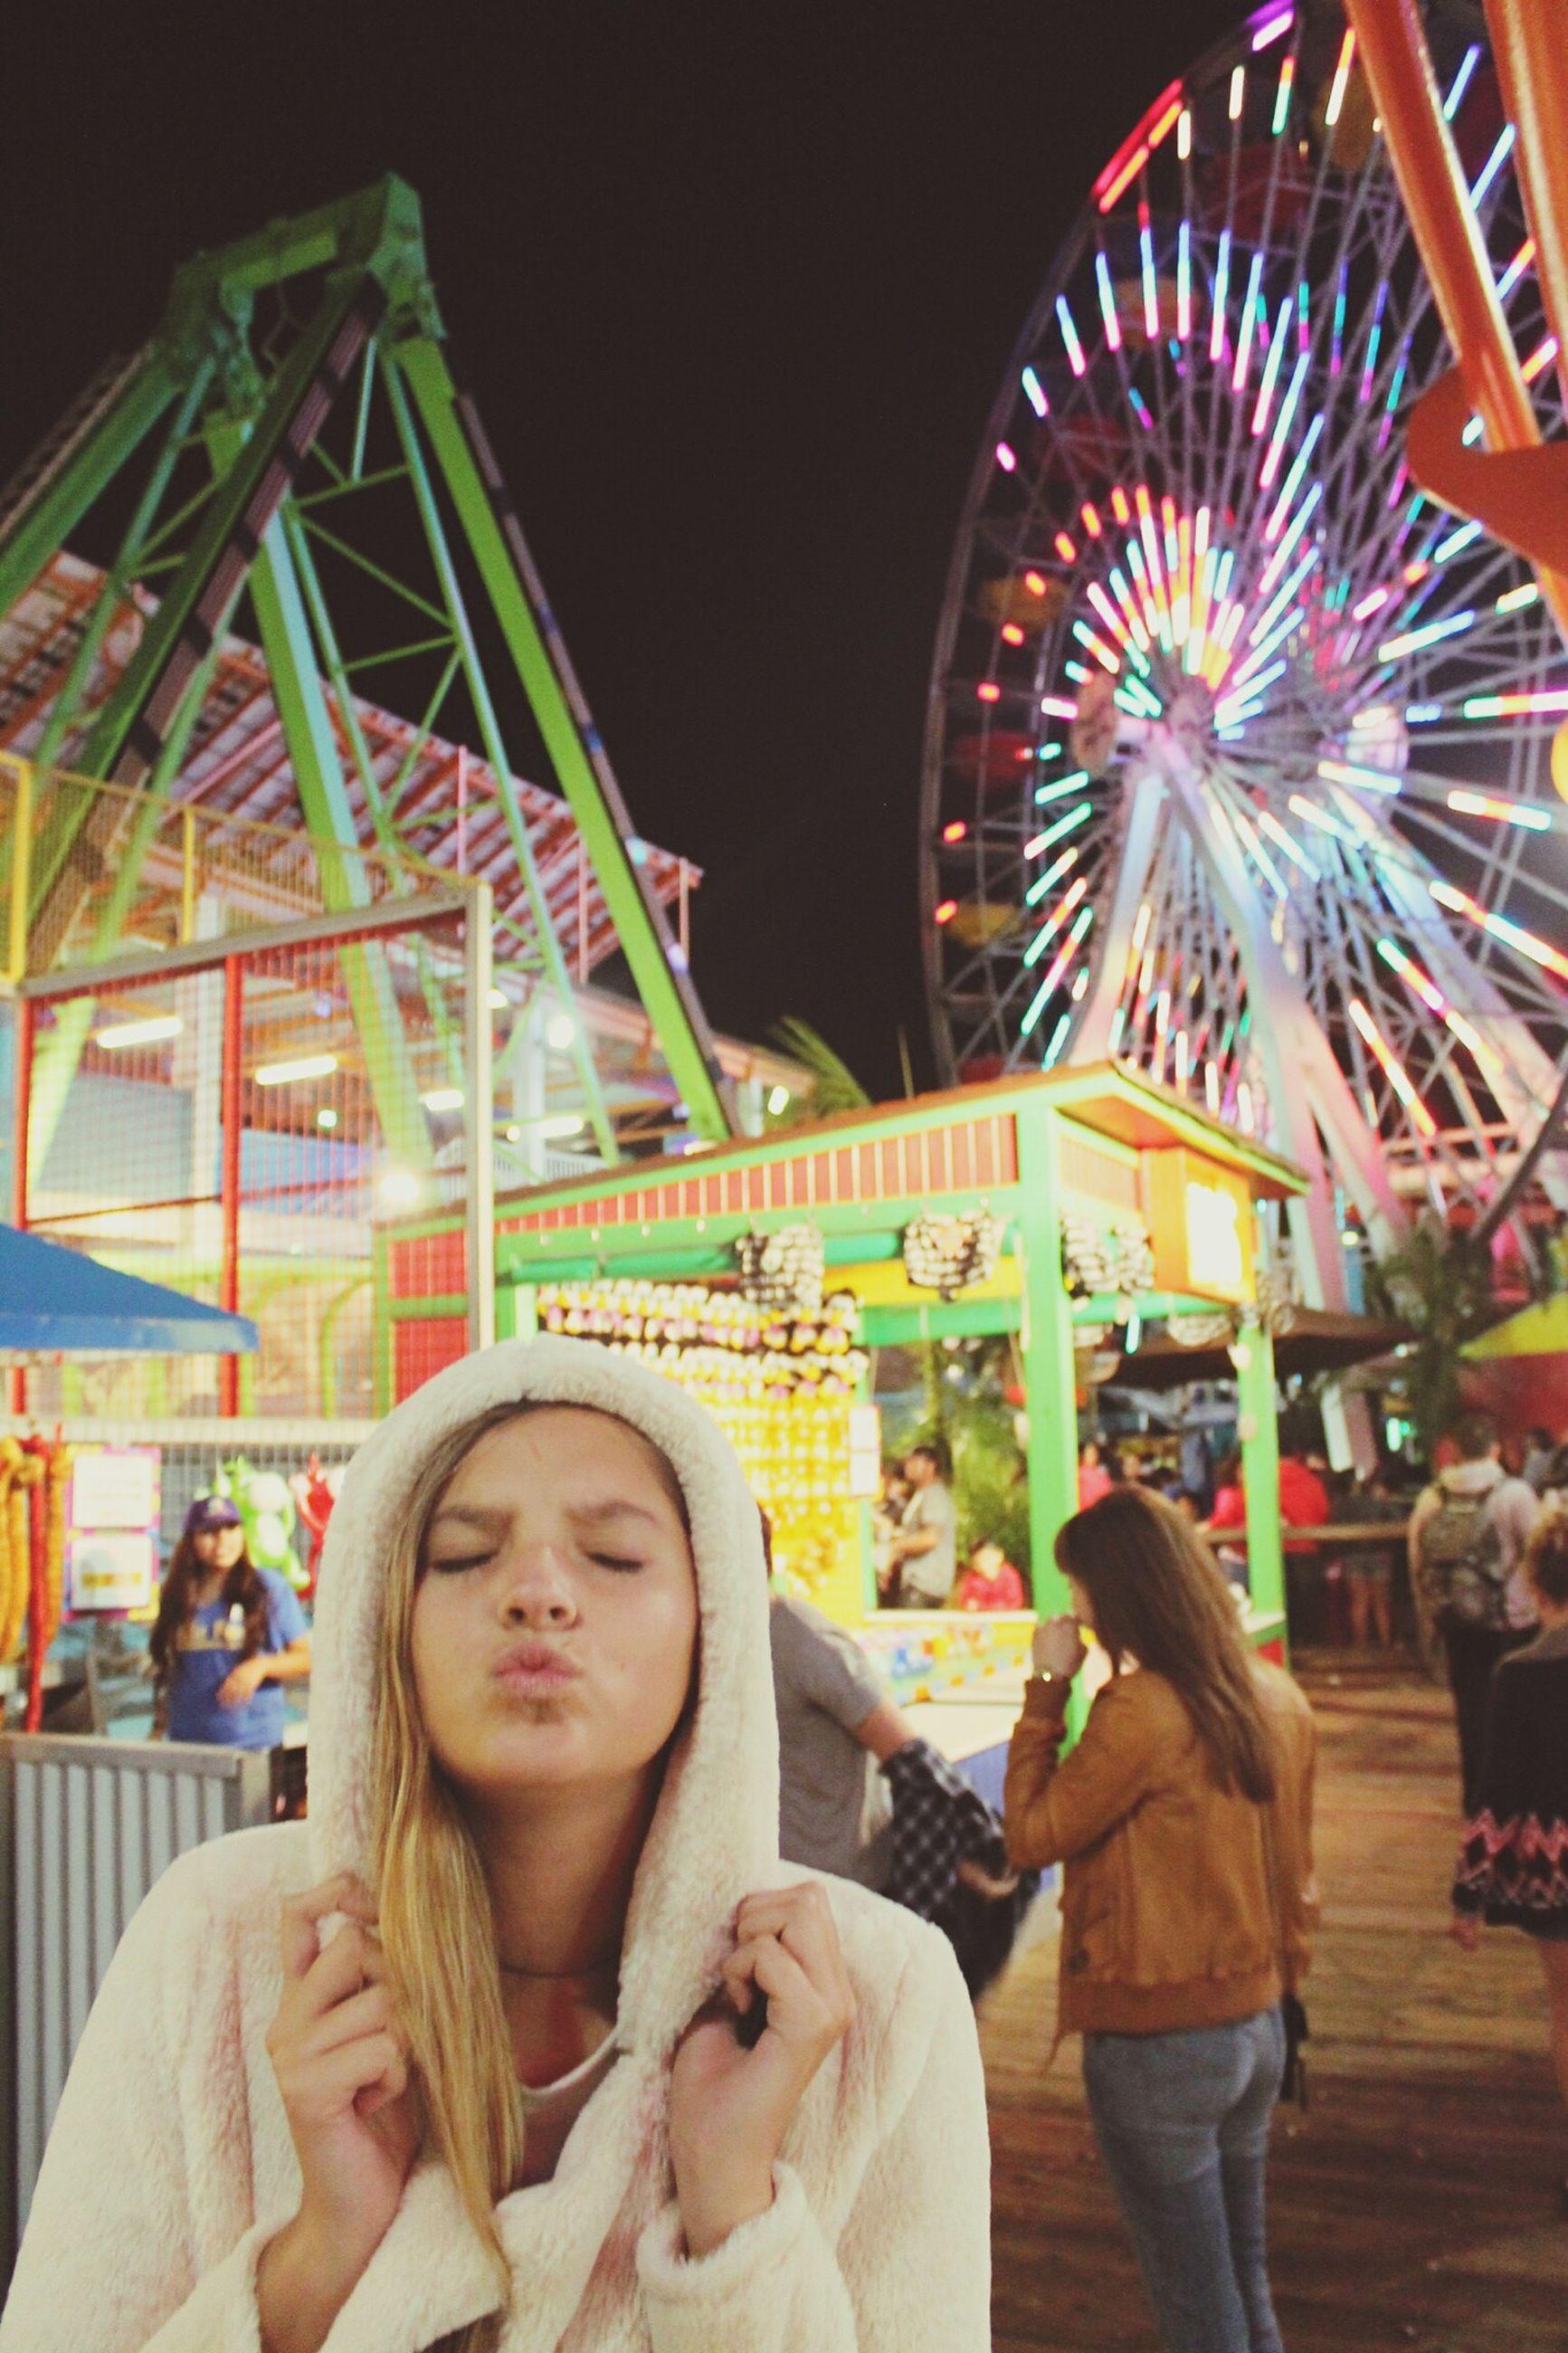 leisure activity, amusement park, arts culture and entertainment, lifestyles, amusement park ride, illuminated, large group of people, fun, person, night, enjoyment, architecture, celebration, built structure, men, carousel, tourism, ferris wheel